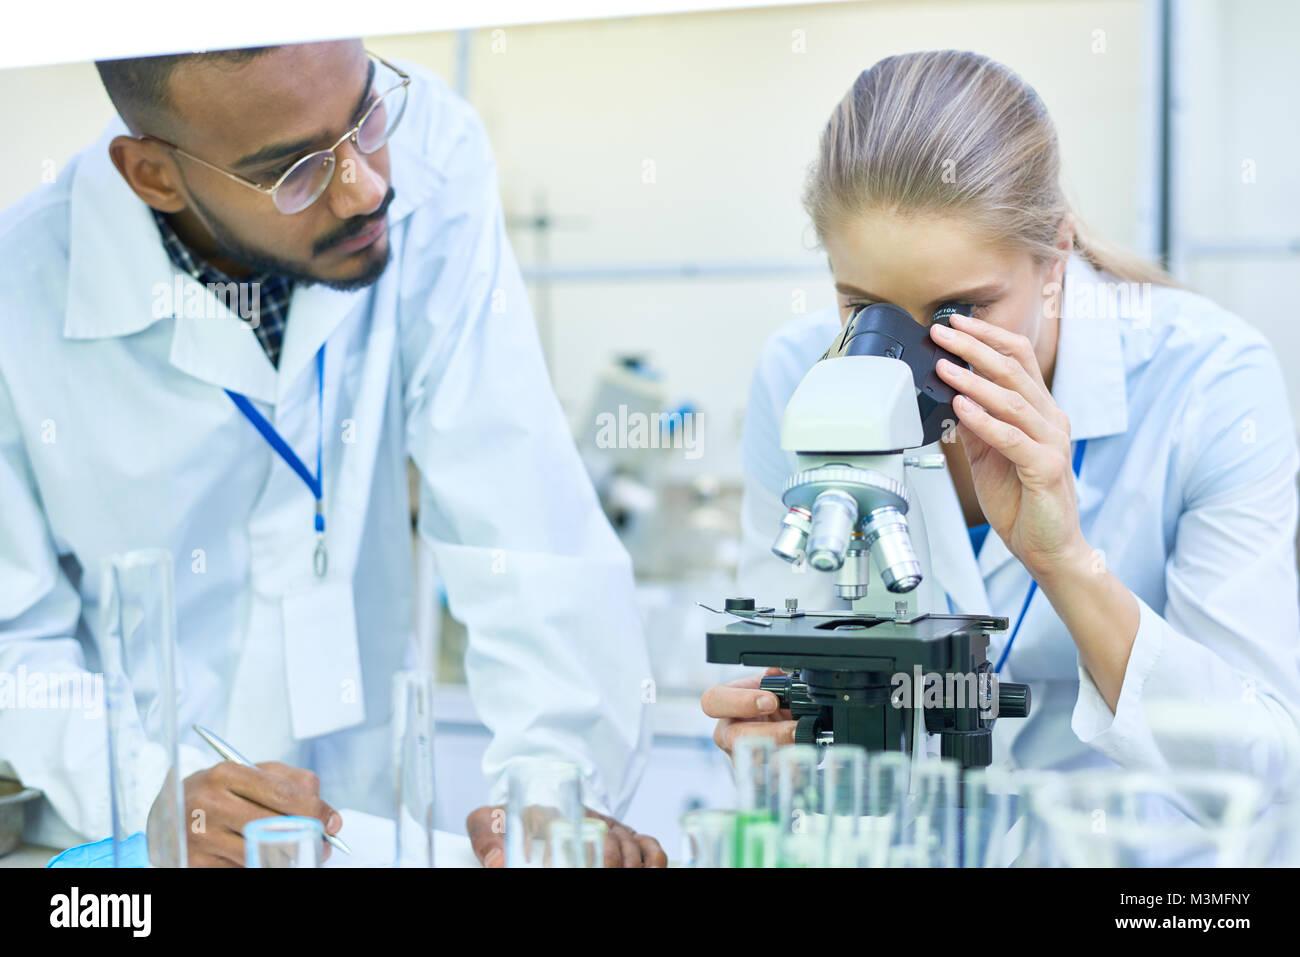 Gli scienziati stanno svolgendo attività di ricerca in laboratorio Immagini Stock